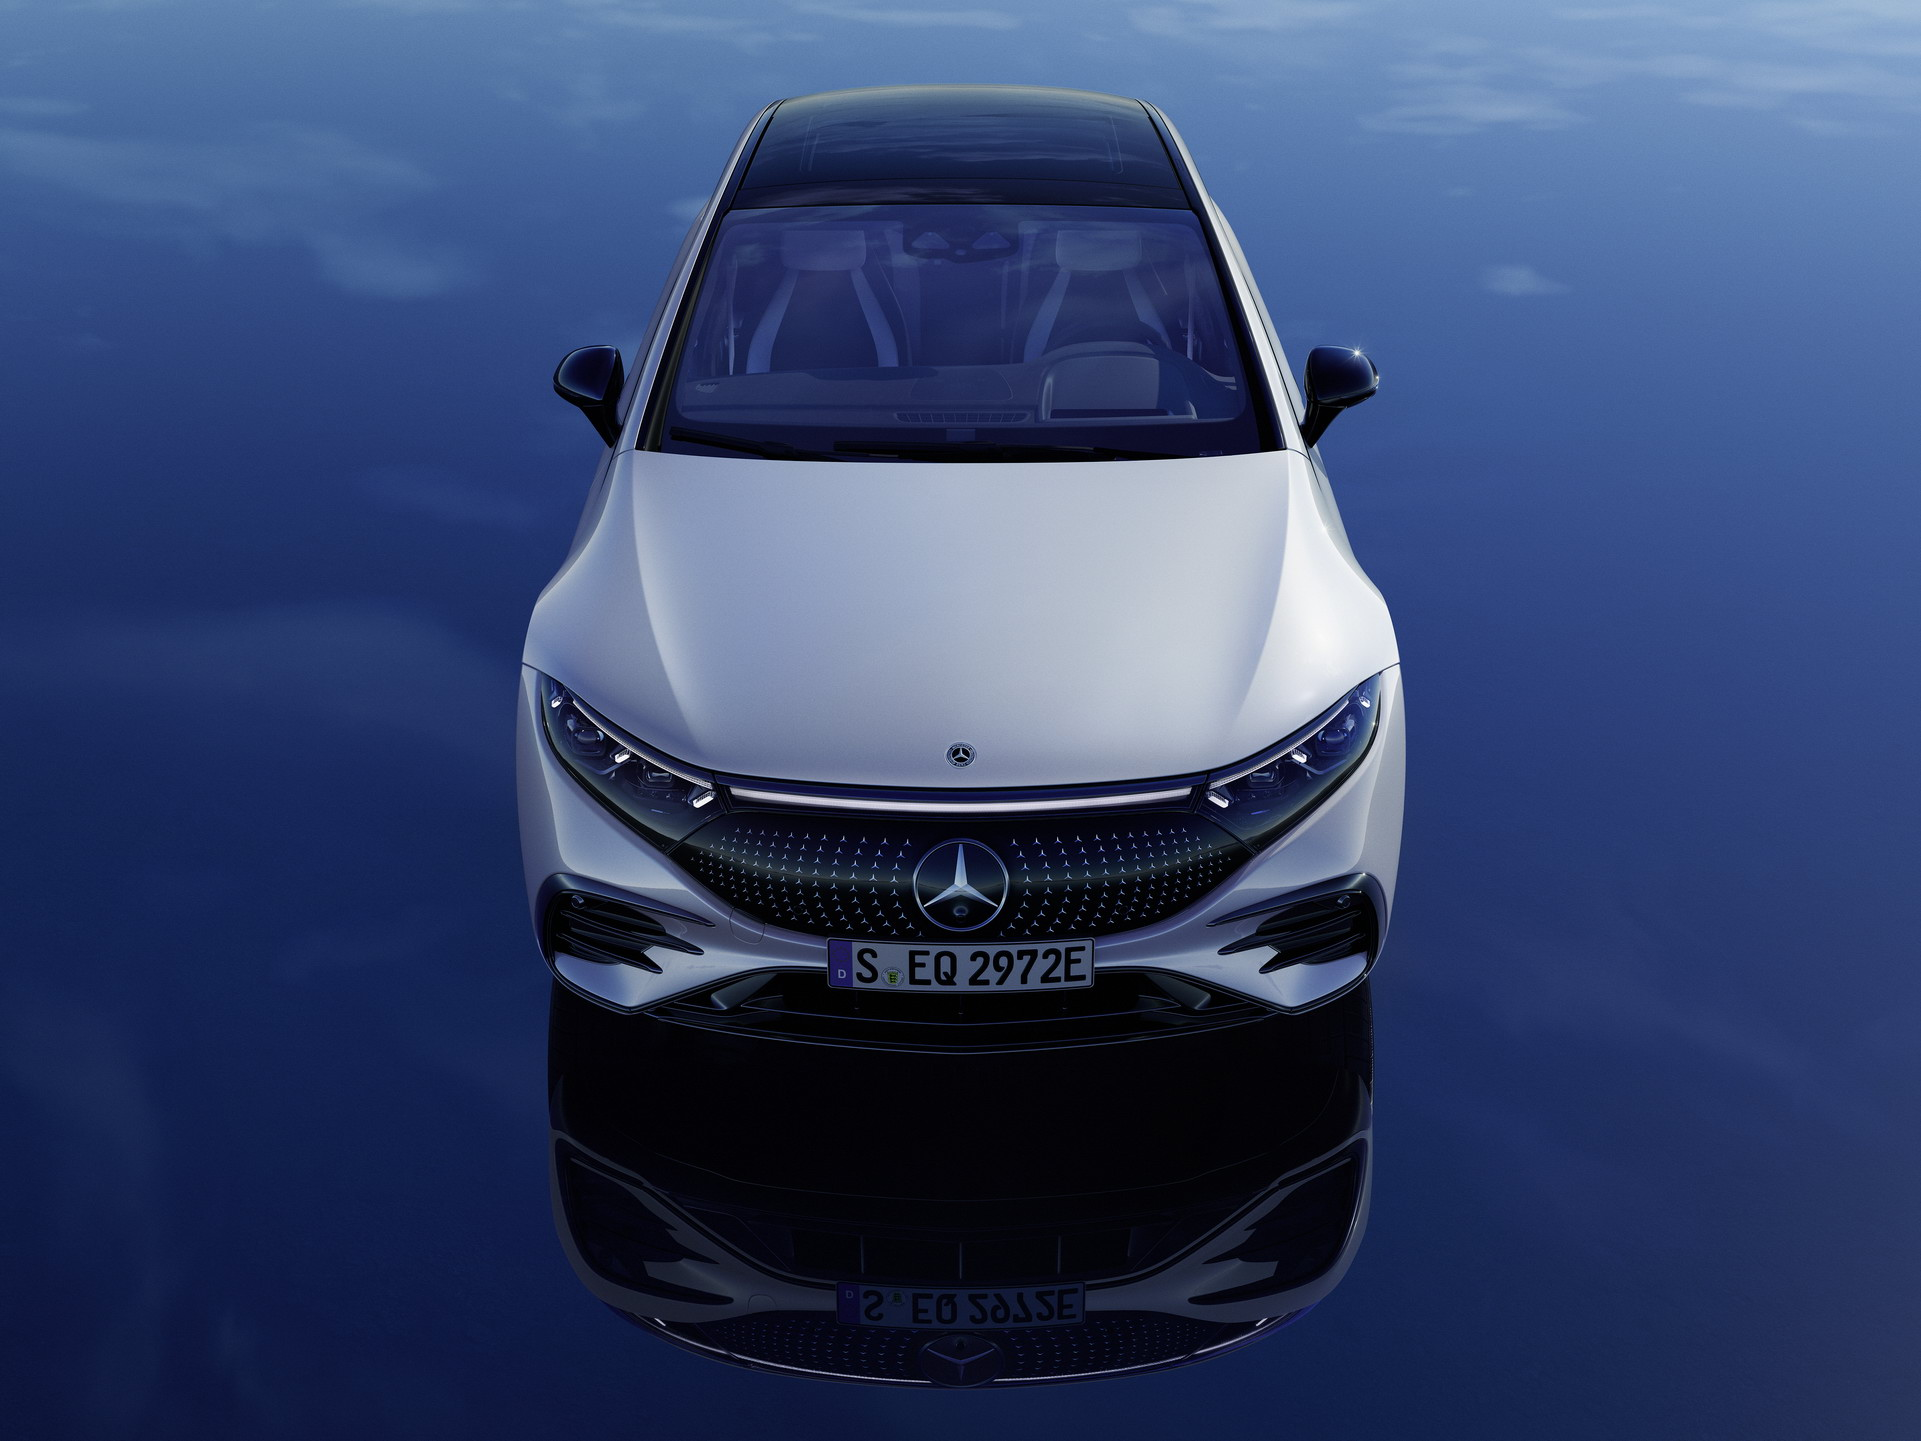 Siêu phẩm xe điện Mercedes-Benz EQS chính thức ra mắt: Tầm hoạt động 770 km, hiện đại như robot - Ảnh 3.